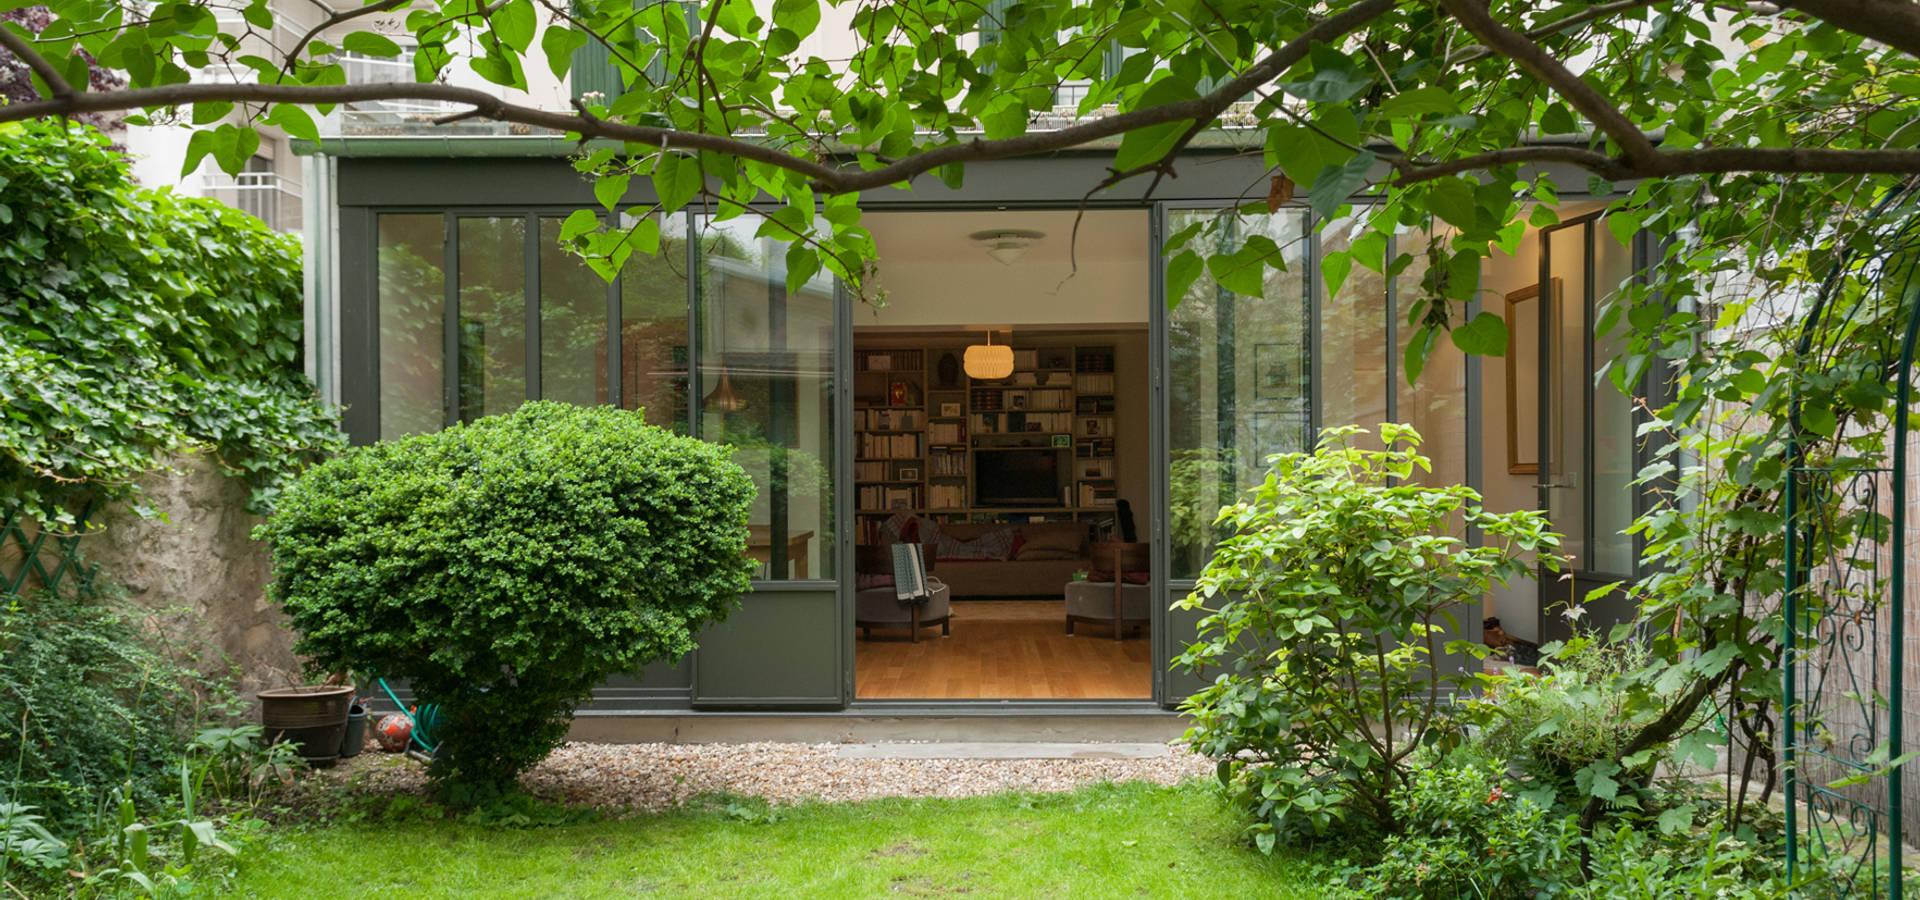 Extension d 39 une maison parisienne par emmanuel cros architecture homify - Maison parisienne ...